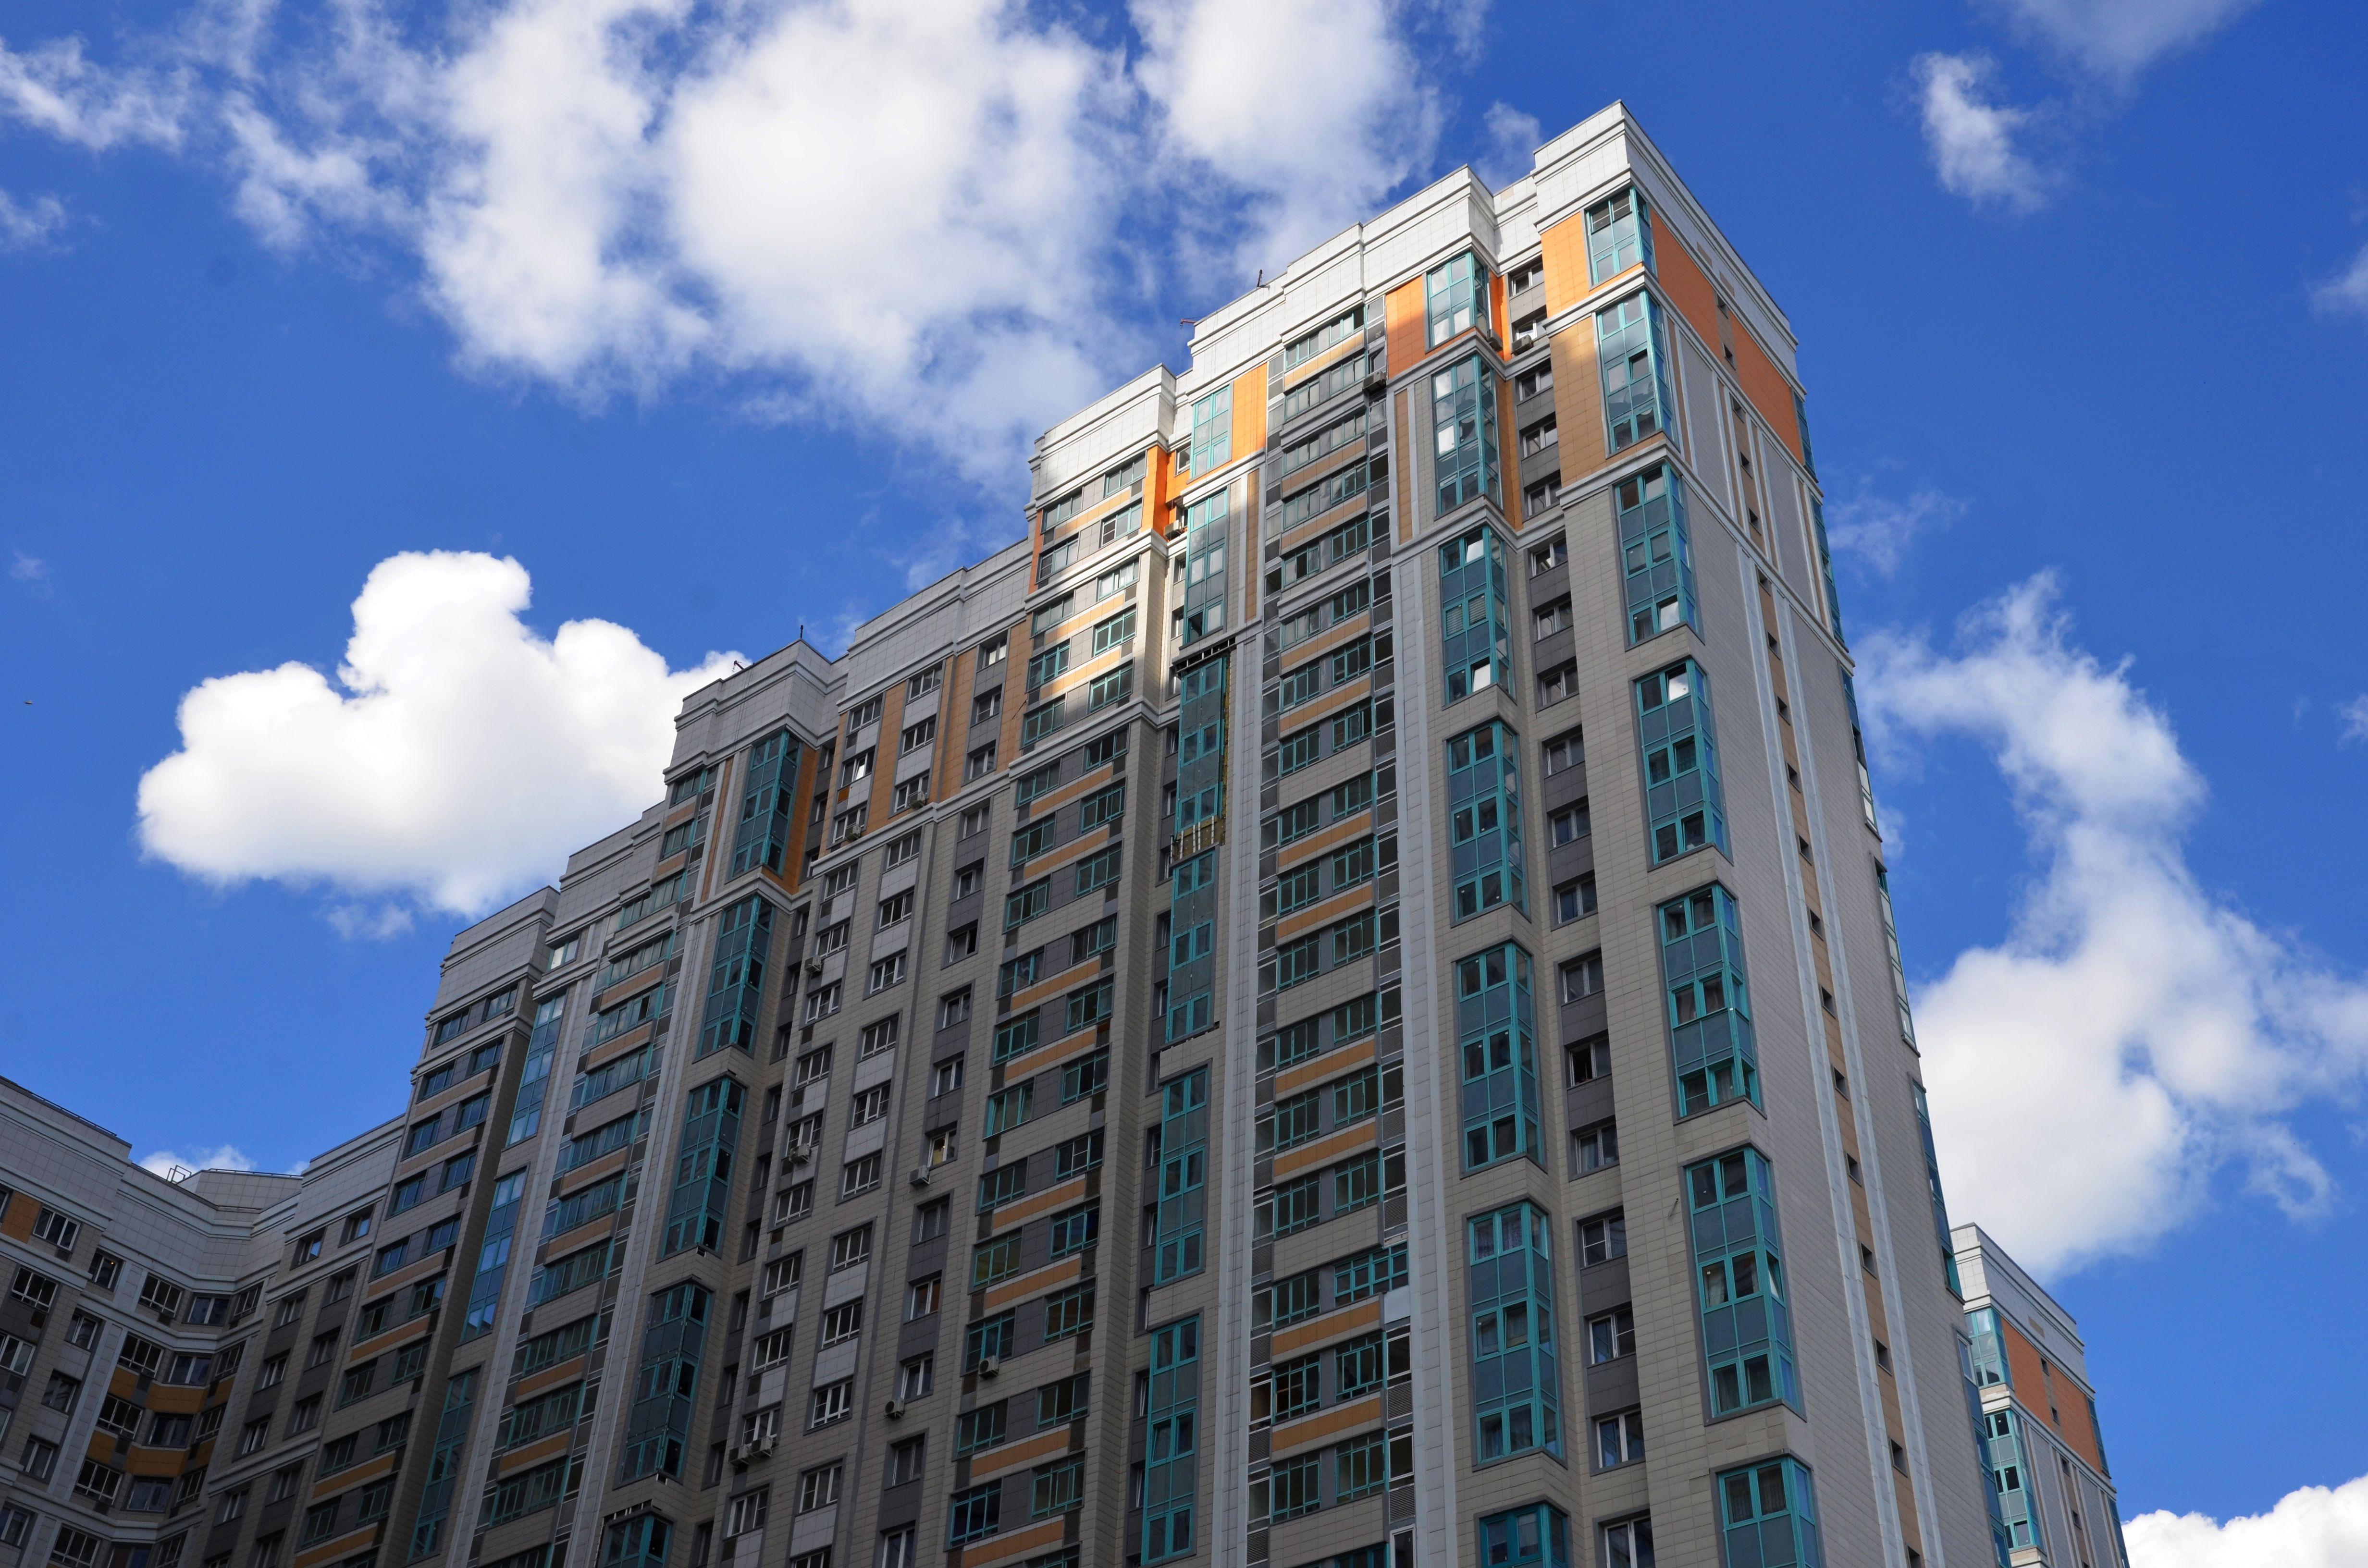 Более 20 домов капитально отремонтируют в Бирюлеве Восточном